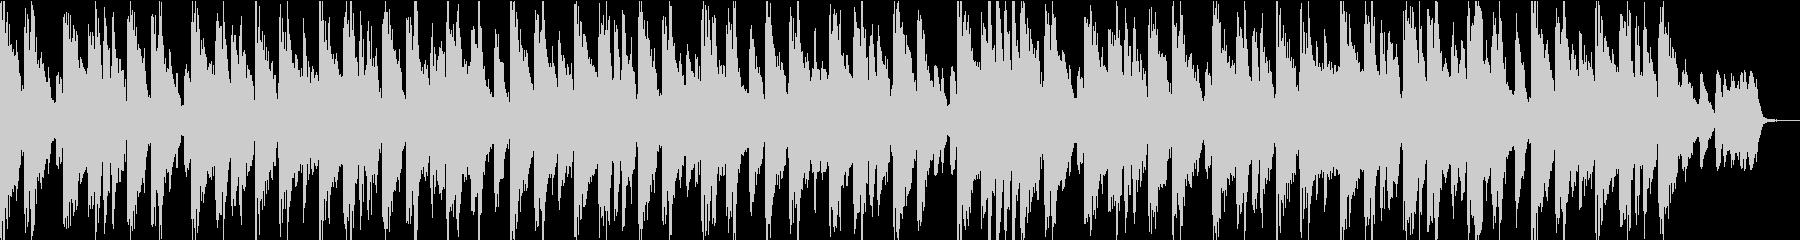 ラフでダウンテンポのテクノ/ロック...の未再生の波形